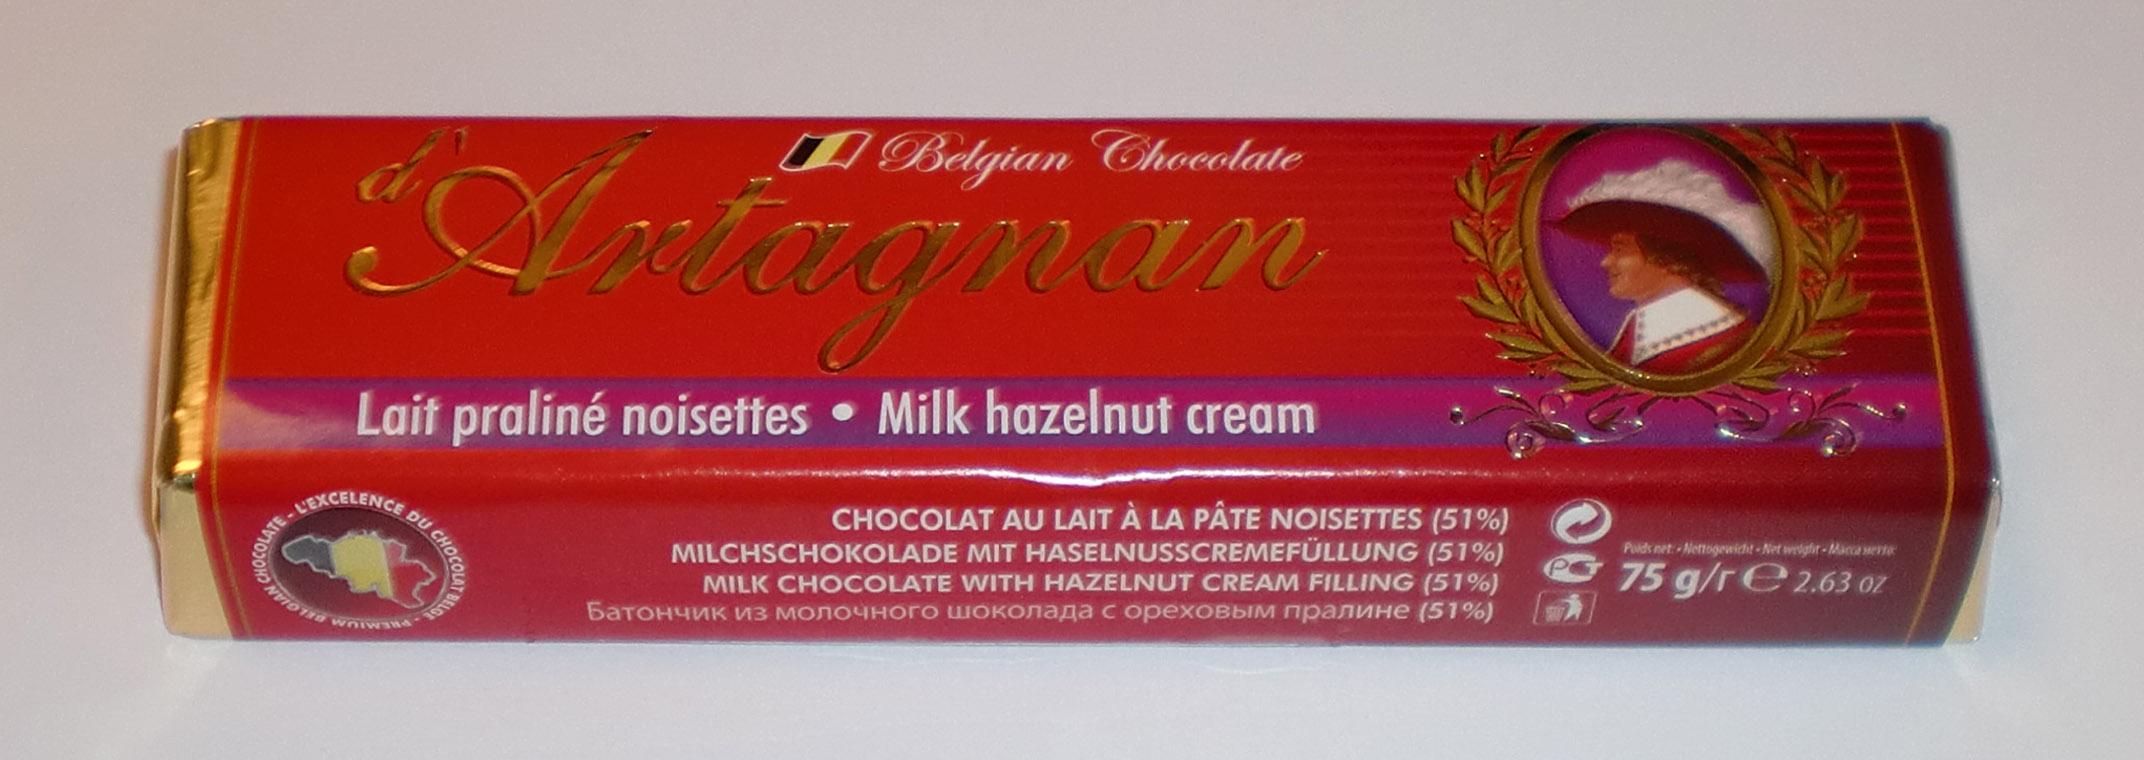 D1241_-_Chocolat_Lait_Praliné.jpg